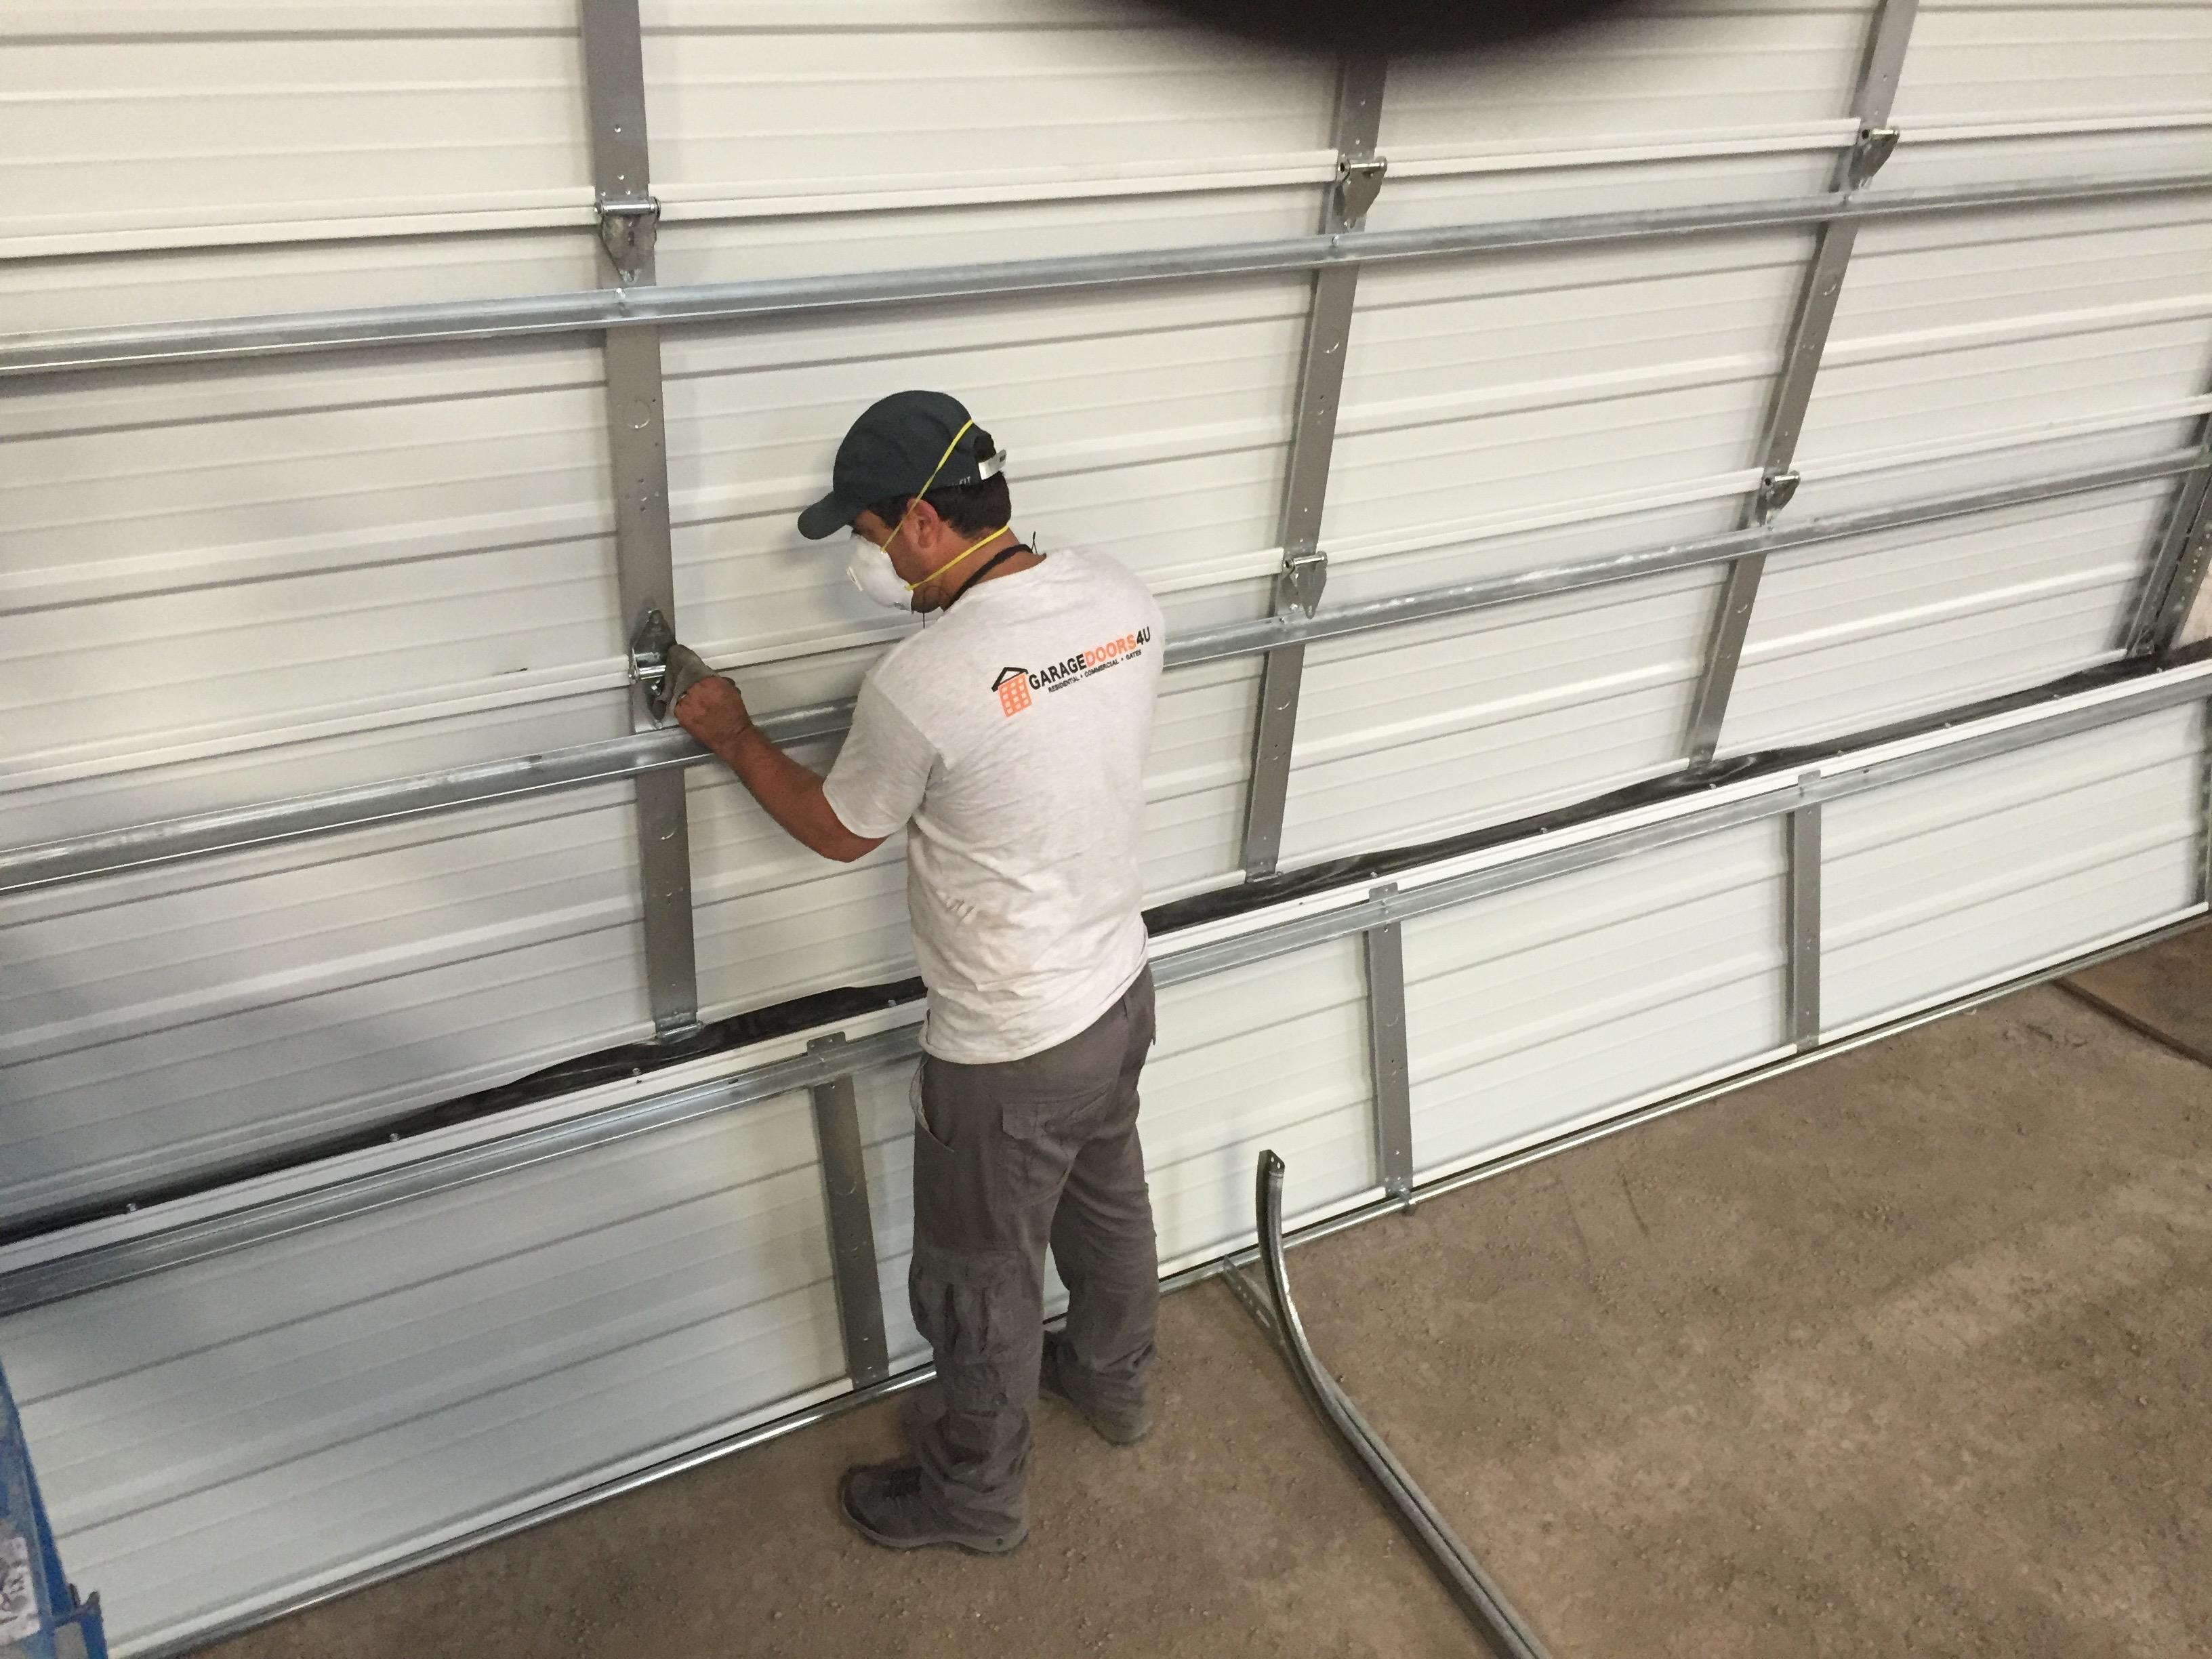 Garage doors 4 u coupons near me in longmont 8coupons for Garage door repair longmont co